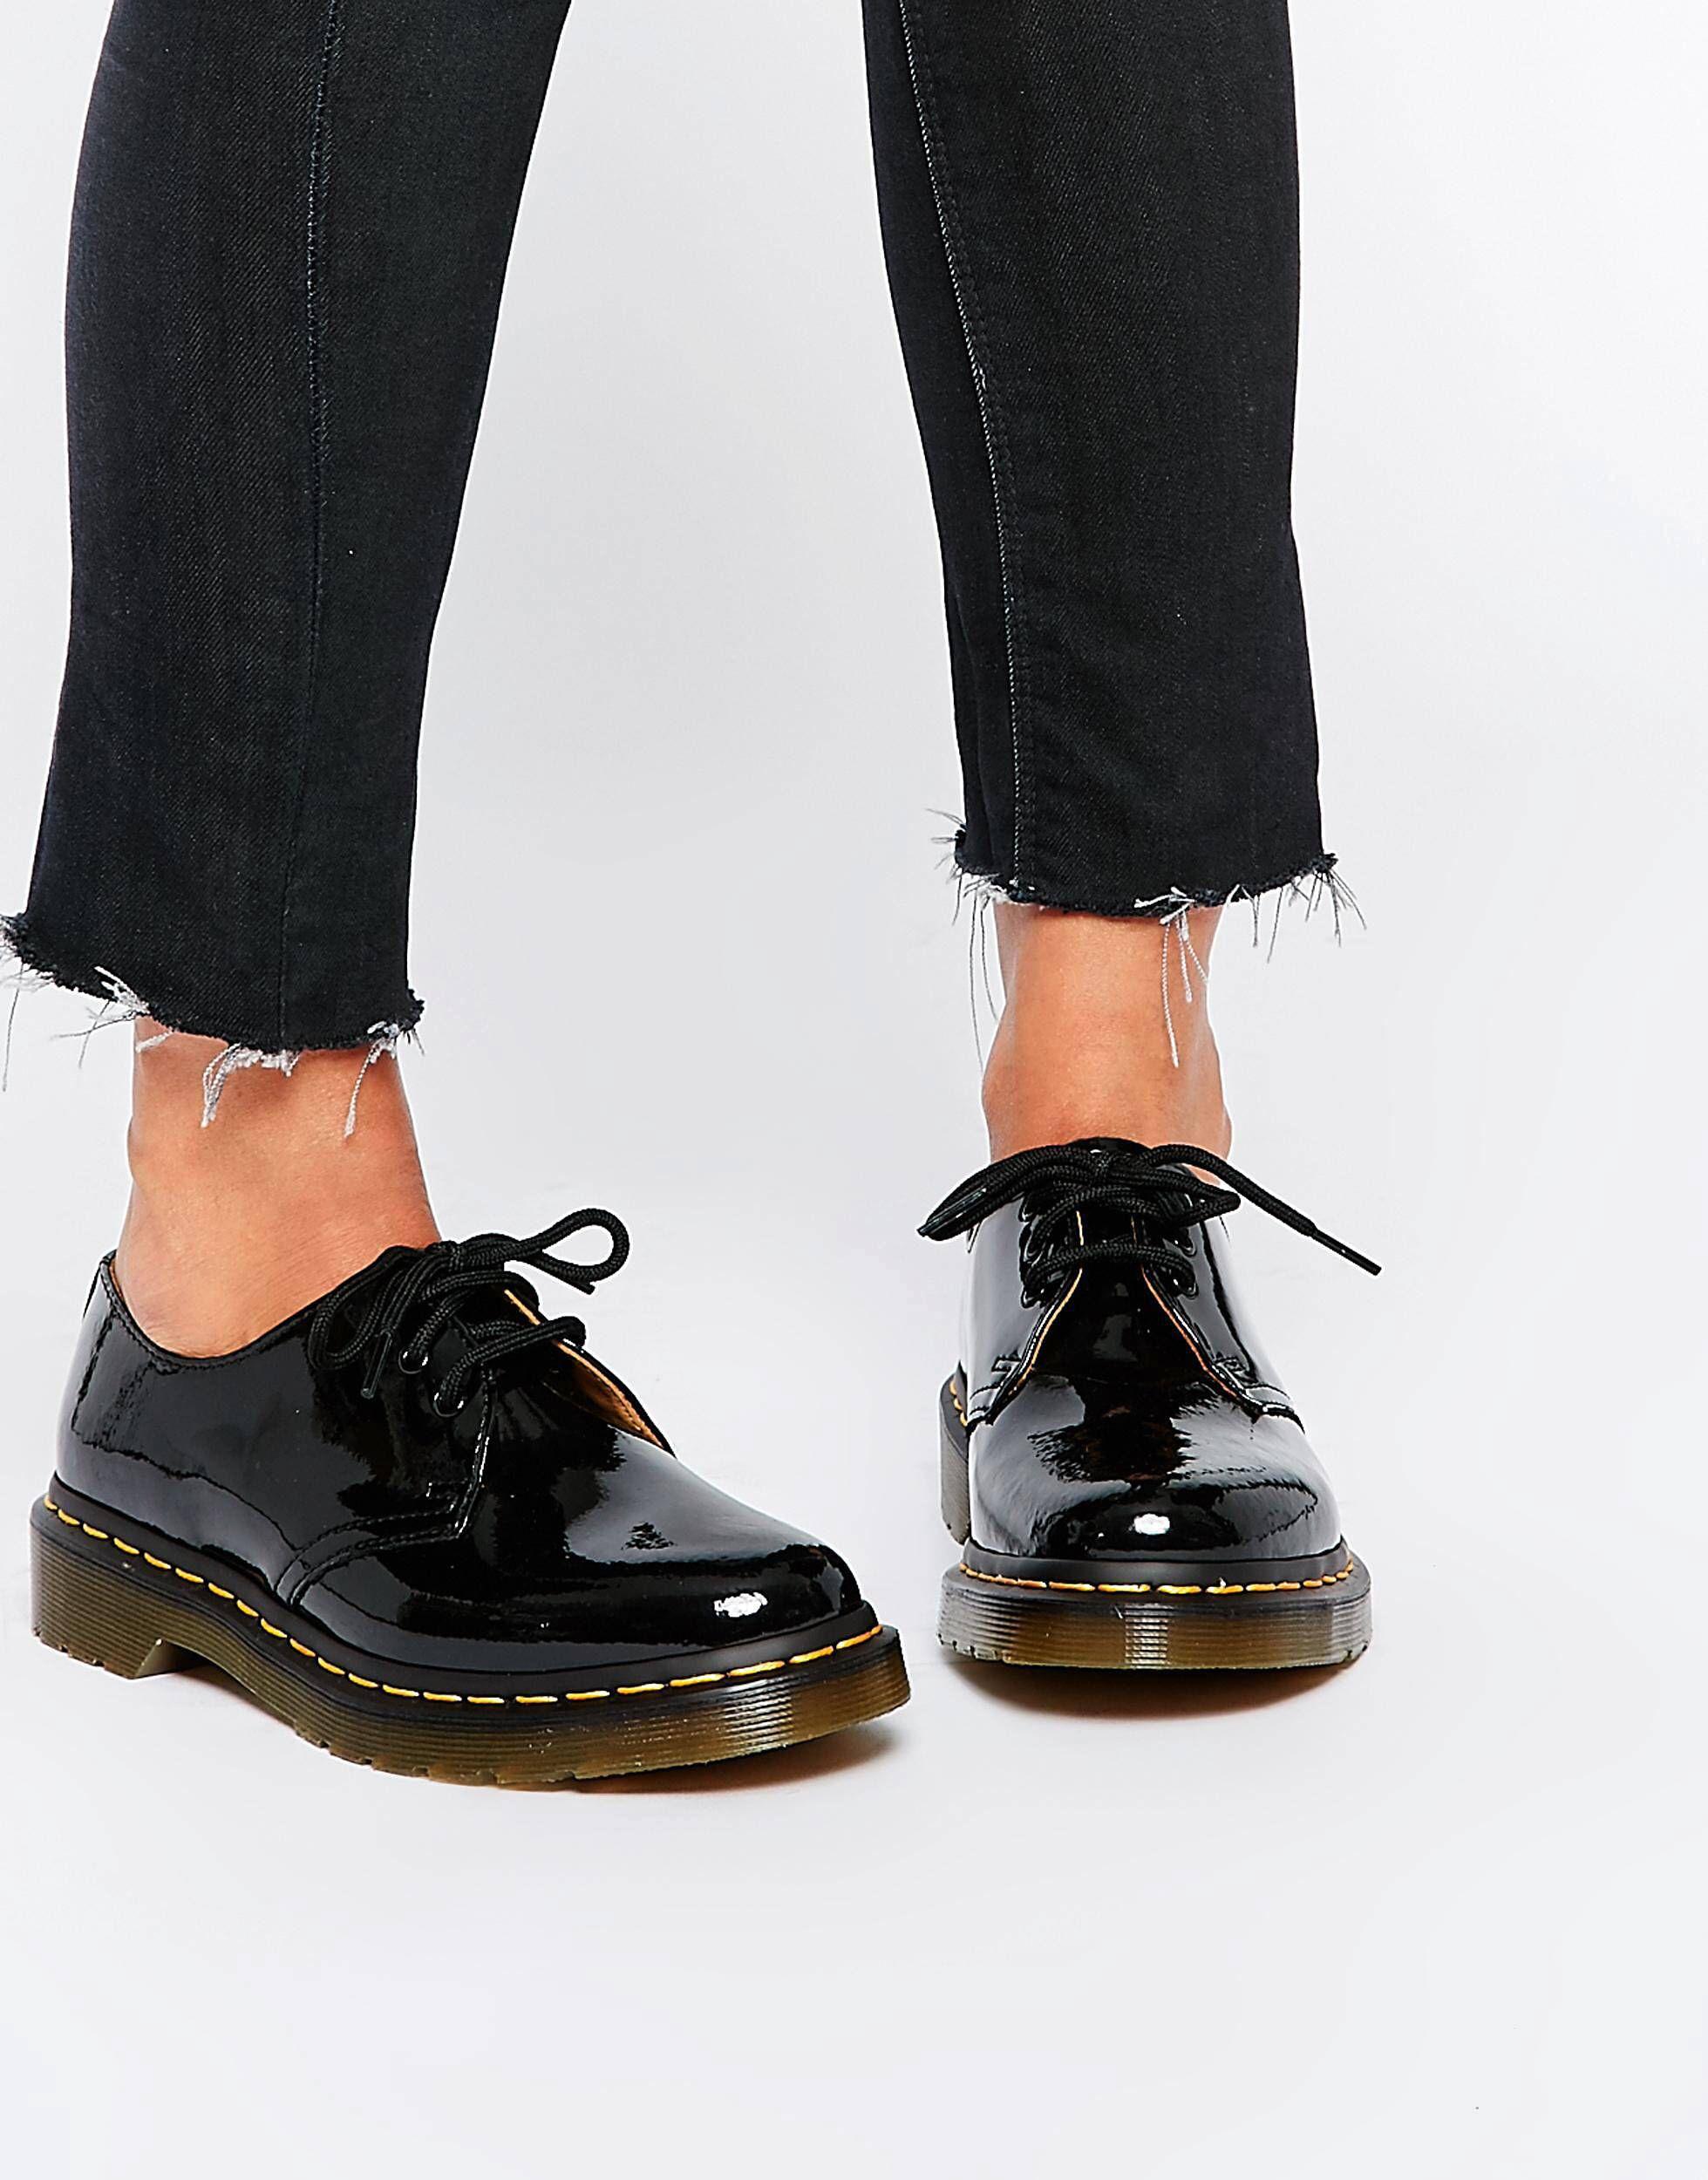 53b404ff6e0 dm dr marten 1461 classic black patent flat shoes streetwear, smartwear,  winter wear, winter fashion,